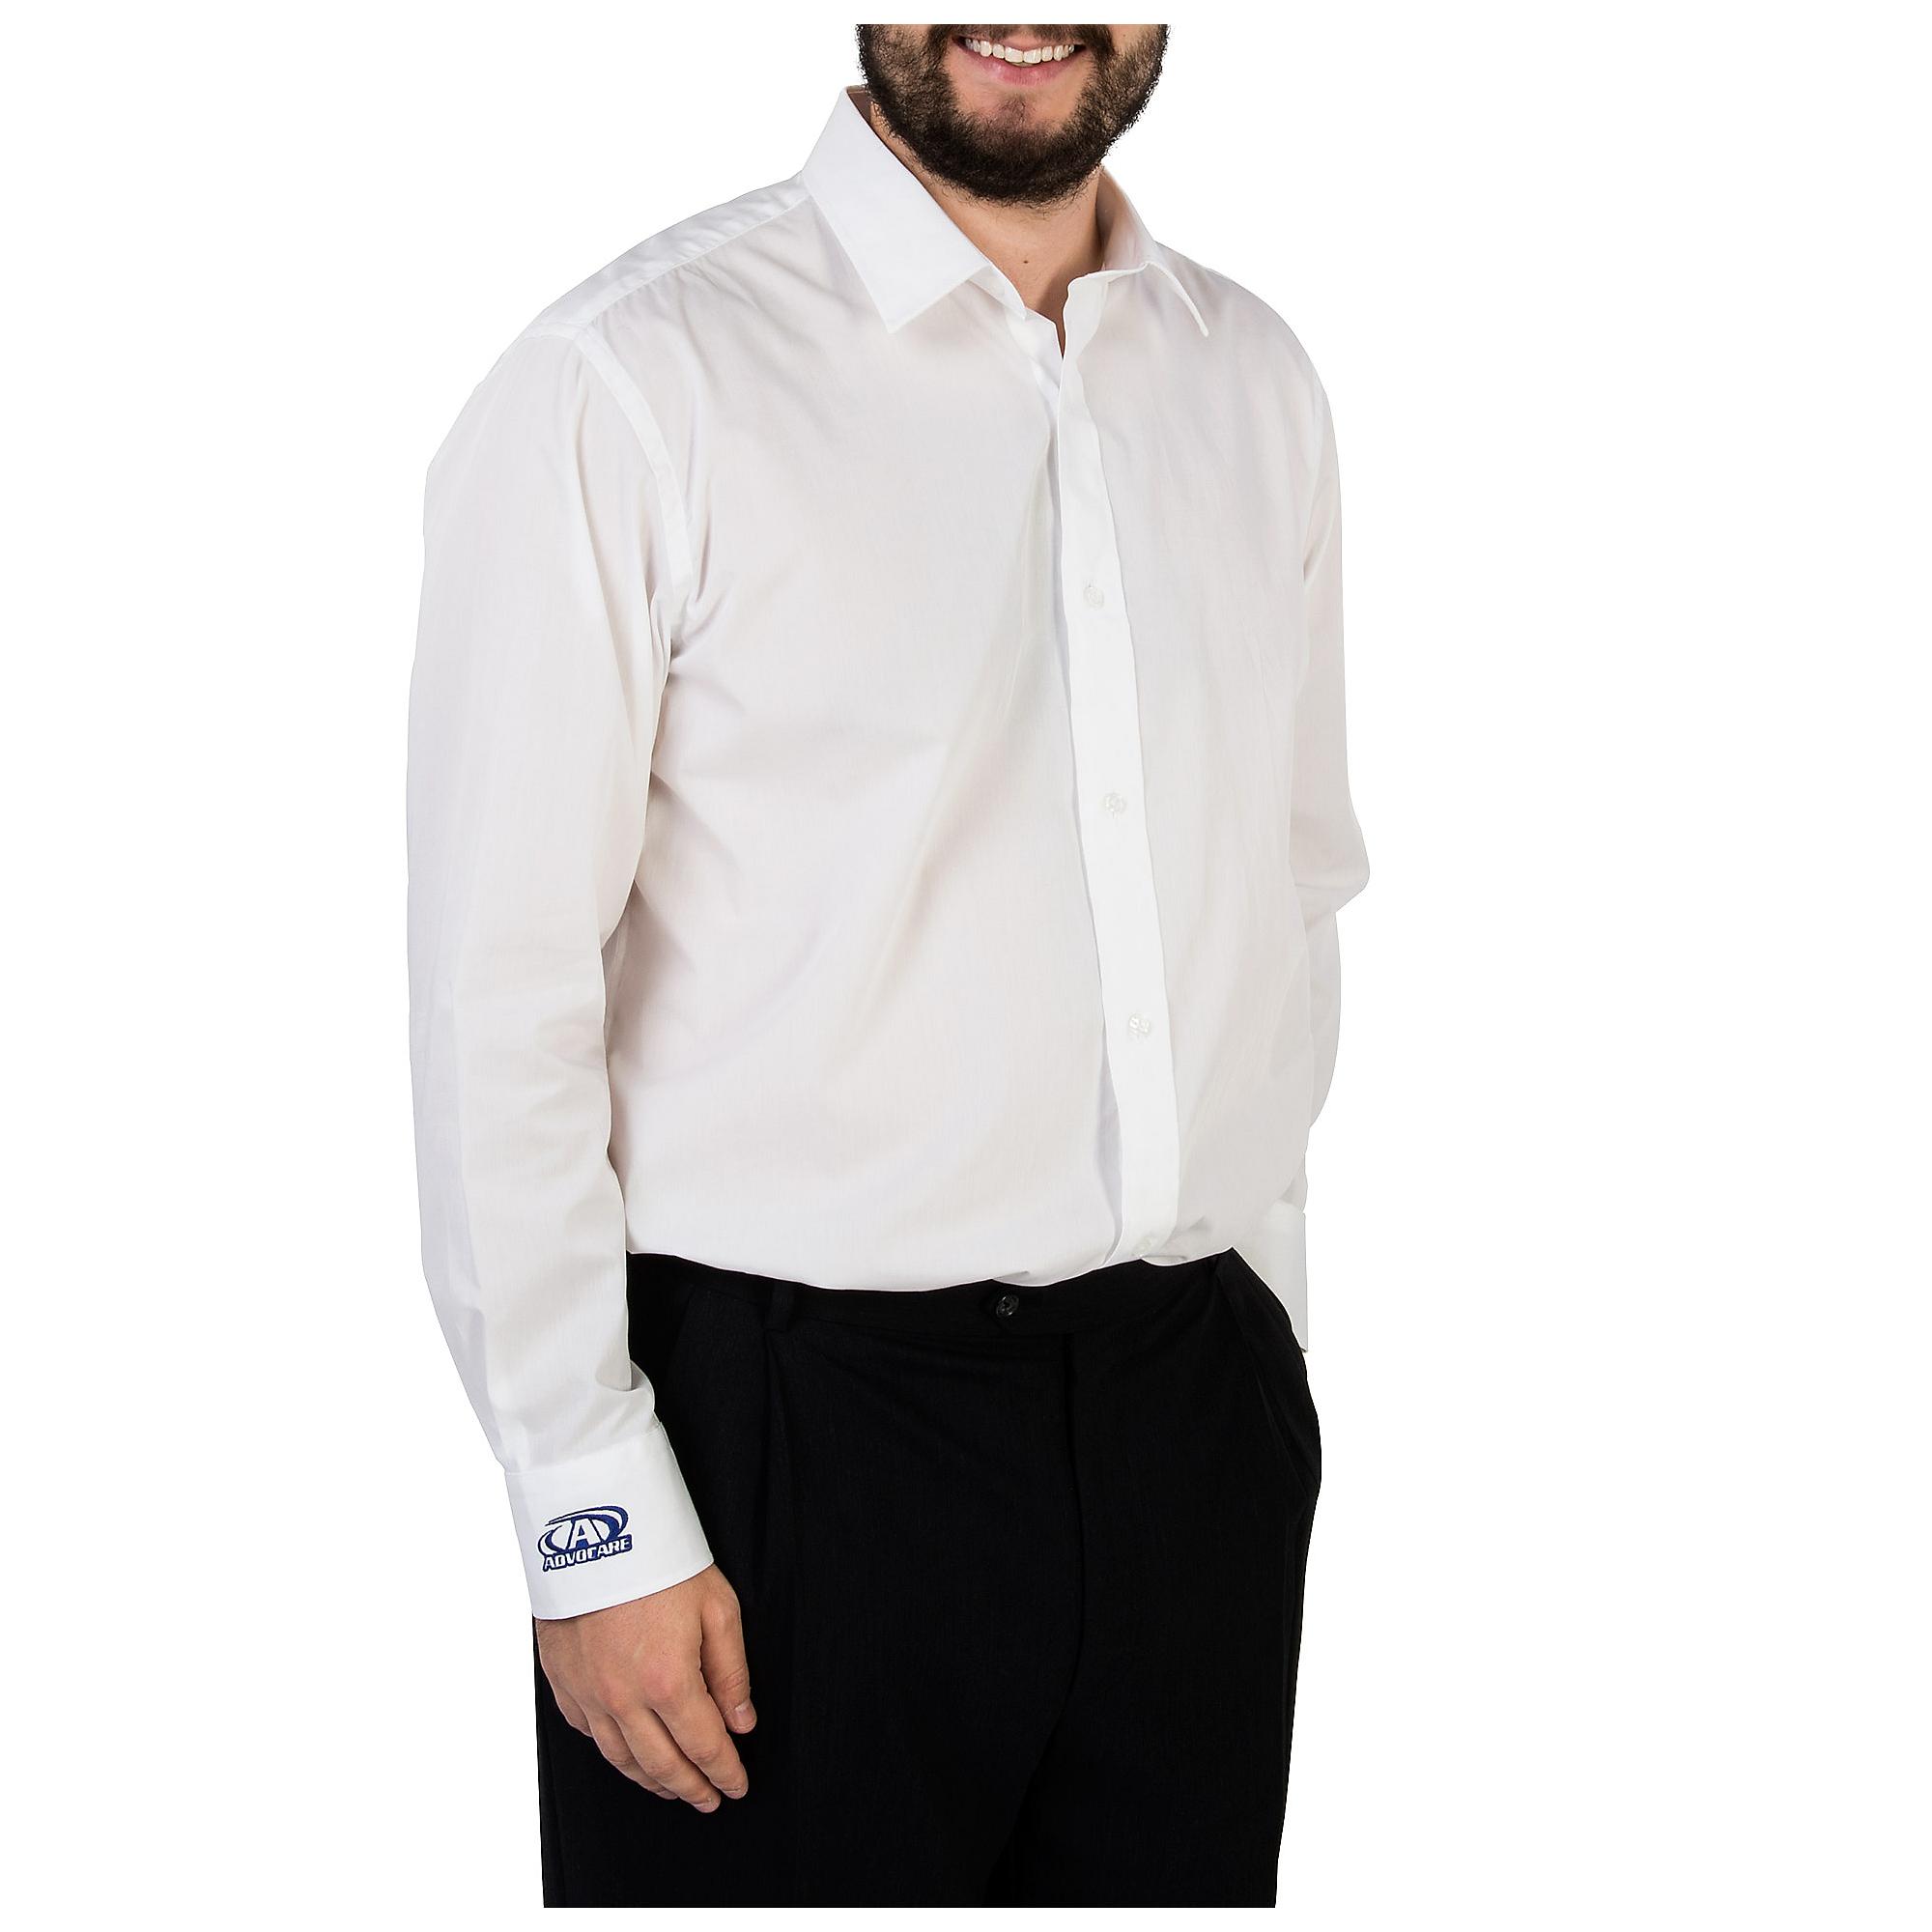 AdvoCare White Button Down Shirt